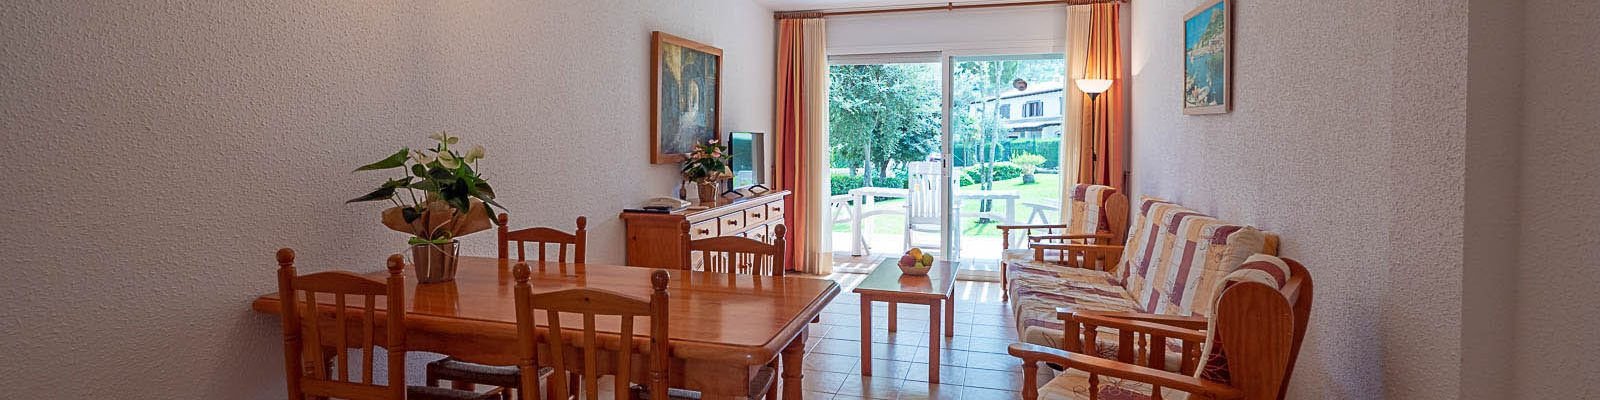 Villa 2 habitaciones salon comedor